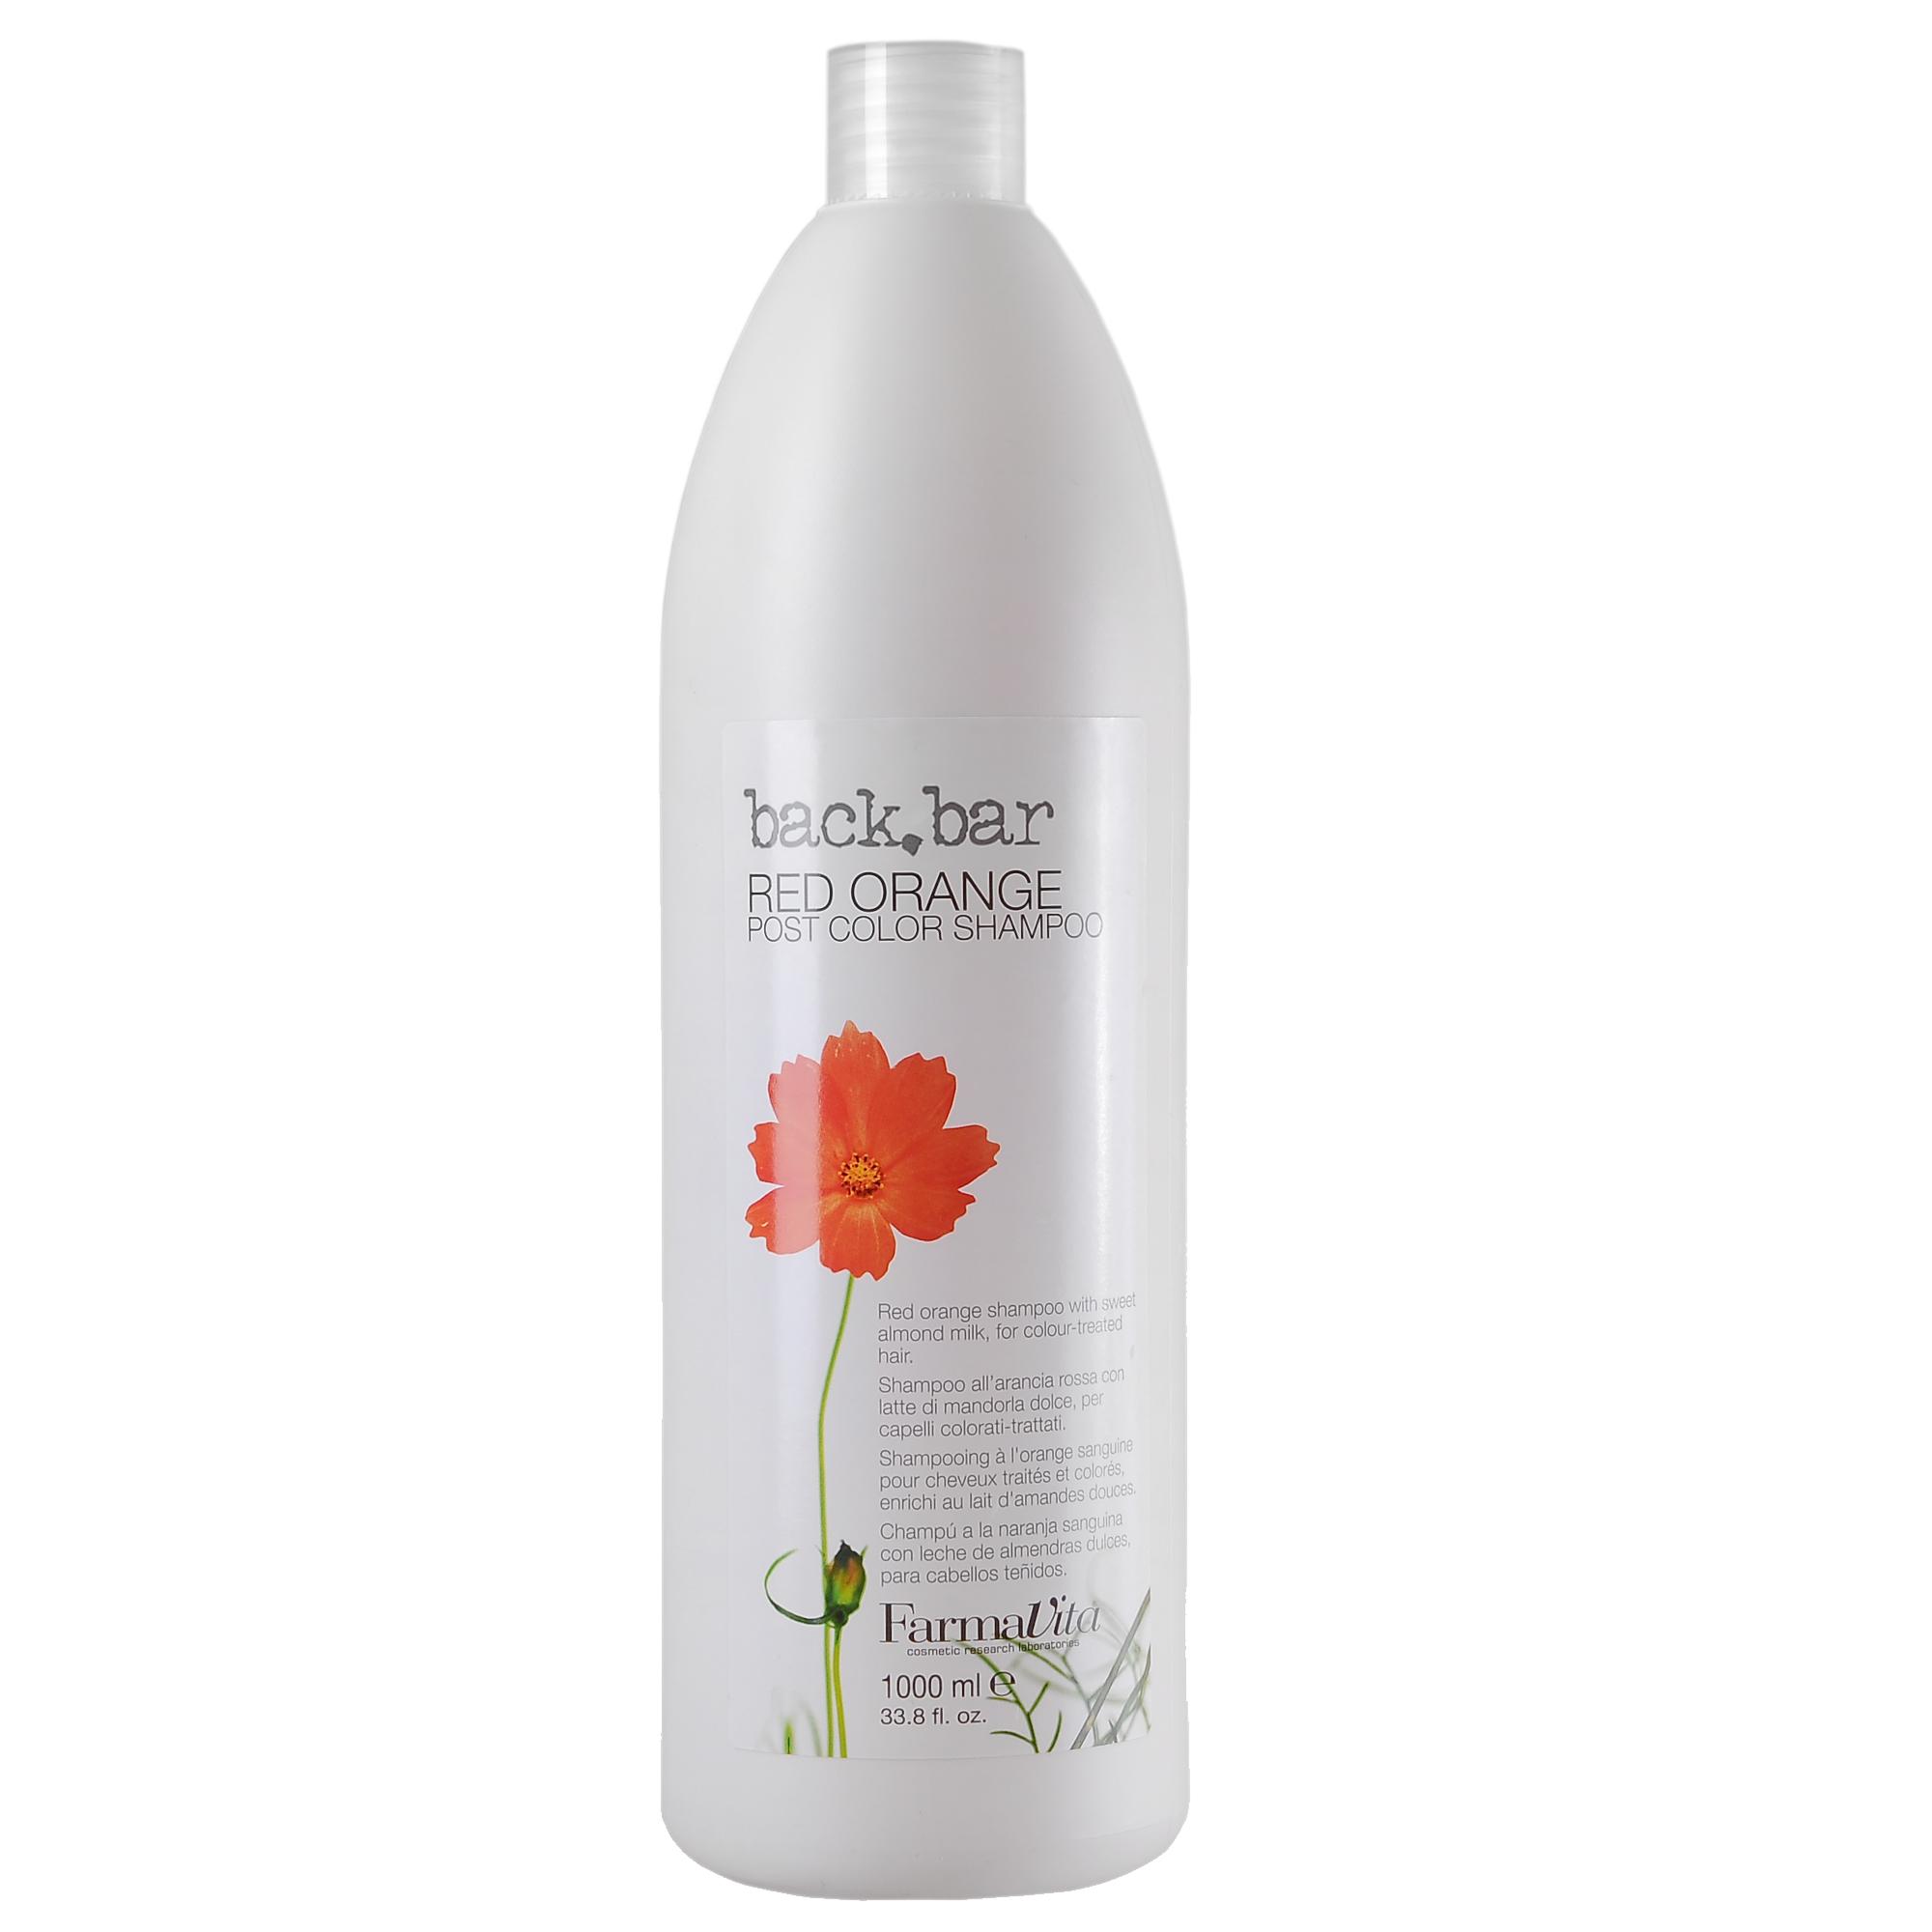 FARMAVITA Шампунь красный апельсин Red Orange Shampoо / BACK BAR 1000 млШампуни<br>Шампунь красный апельсин из линии Back Bar (Бэк бар рэд орандж) - специальный шампунь для окрашенных волос. Содержит молочко сладкого миндаля. Мягко очищает окрашенные волосы и оказывает интенсивное ухаживающее воздействие. УФ-фильтр защищает волосы от выгорания на солнце. Активные ингредиенты: молочко сладкого миндаля. УФ-фильтры. Способ применения: нанесите шампунь Back Bar Red Orange на увлажненную кожу головы. Массирующими движениями распределите шампунь по волосам. Для повышения стойкости окислительных красящих пигментов рекомендуется выдержать на волосах 1-2 минуты. Затем бережно смойте. При необходимости повторите процедуру. Нанесите подходящее для Ваших волос средство для ухода. Рекомендуем применять с легкой защитной маской Back Bar Cream Plus.<br><br>Цвет: Красный<br>Объем: 1000 мл<br>Типы волос: Окрашенные